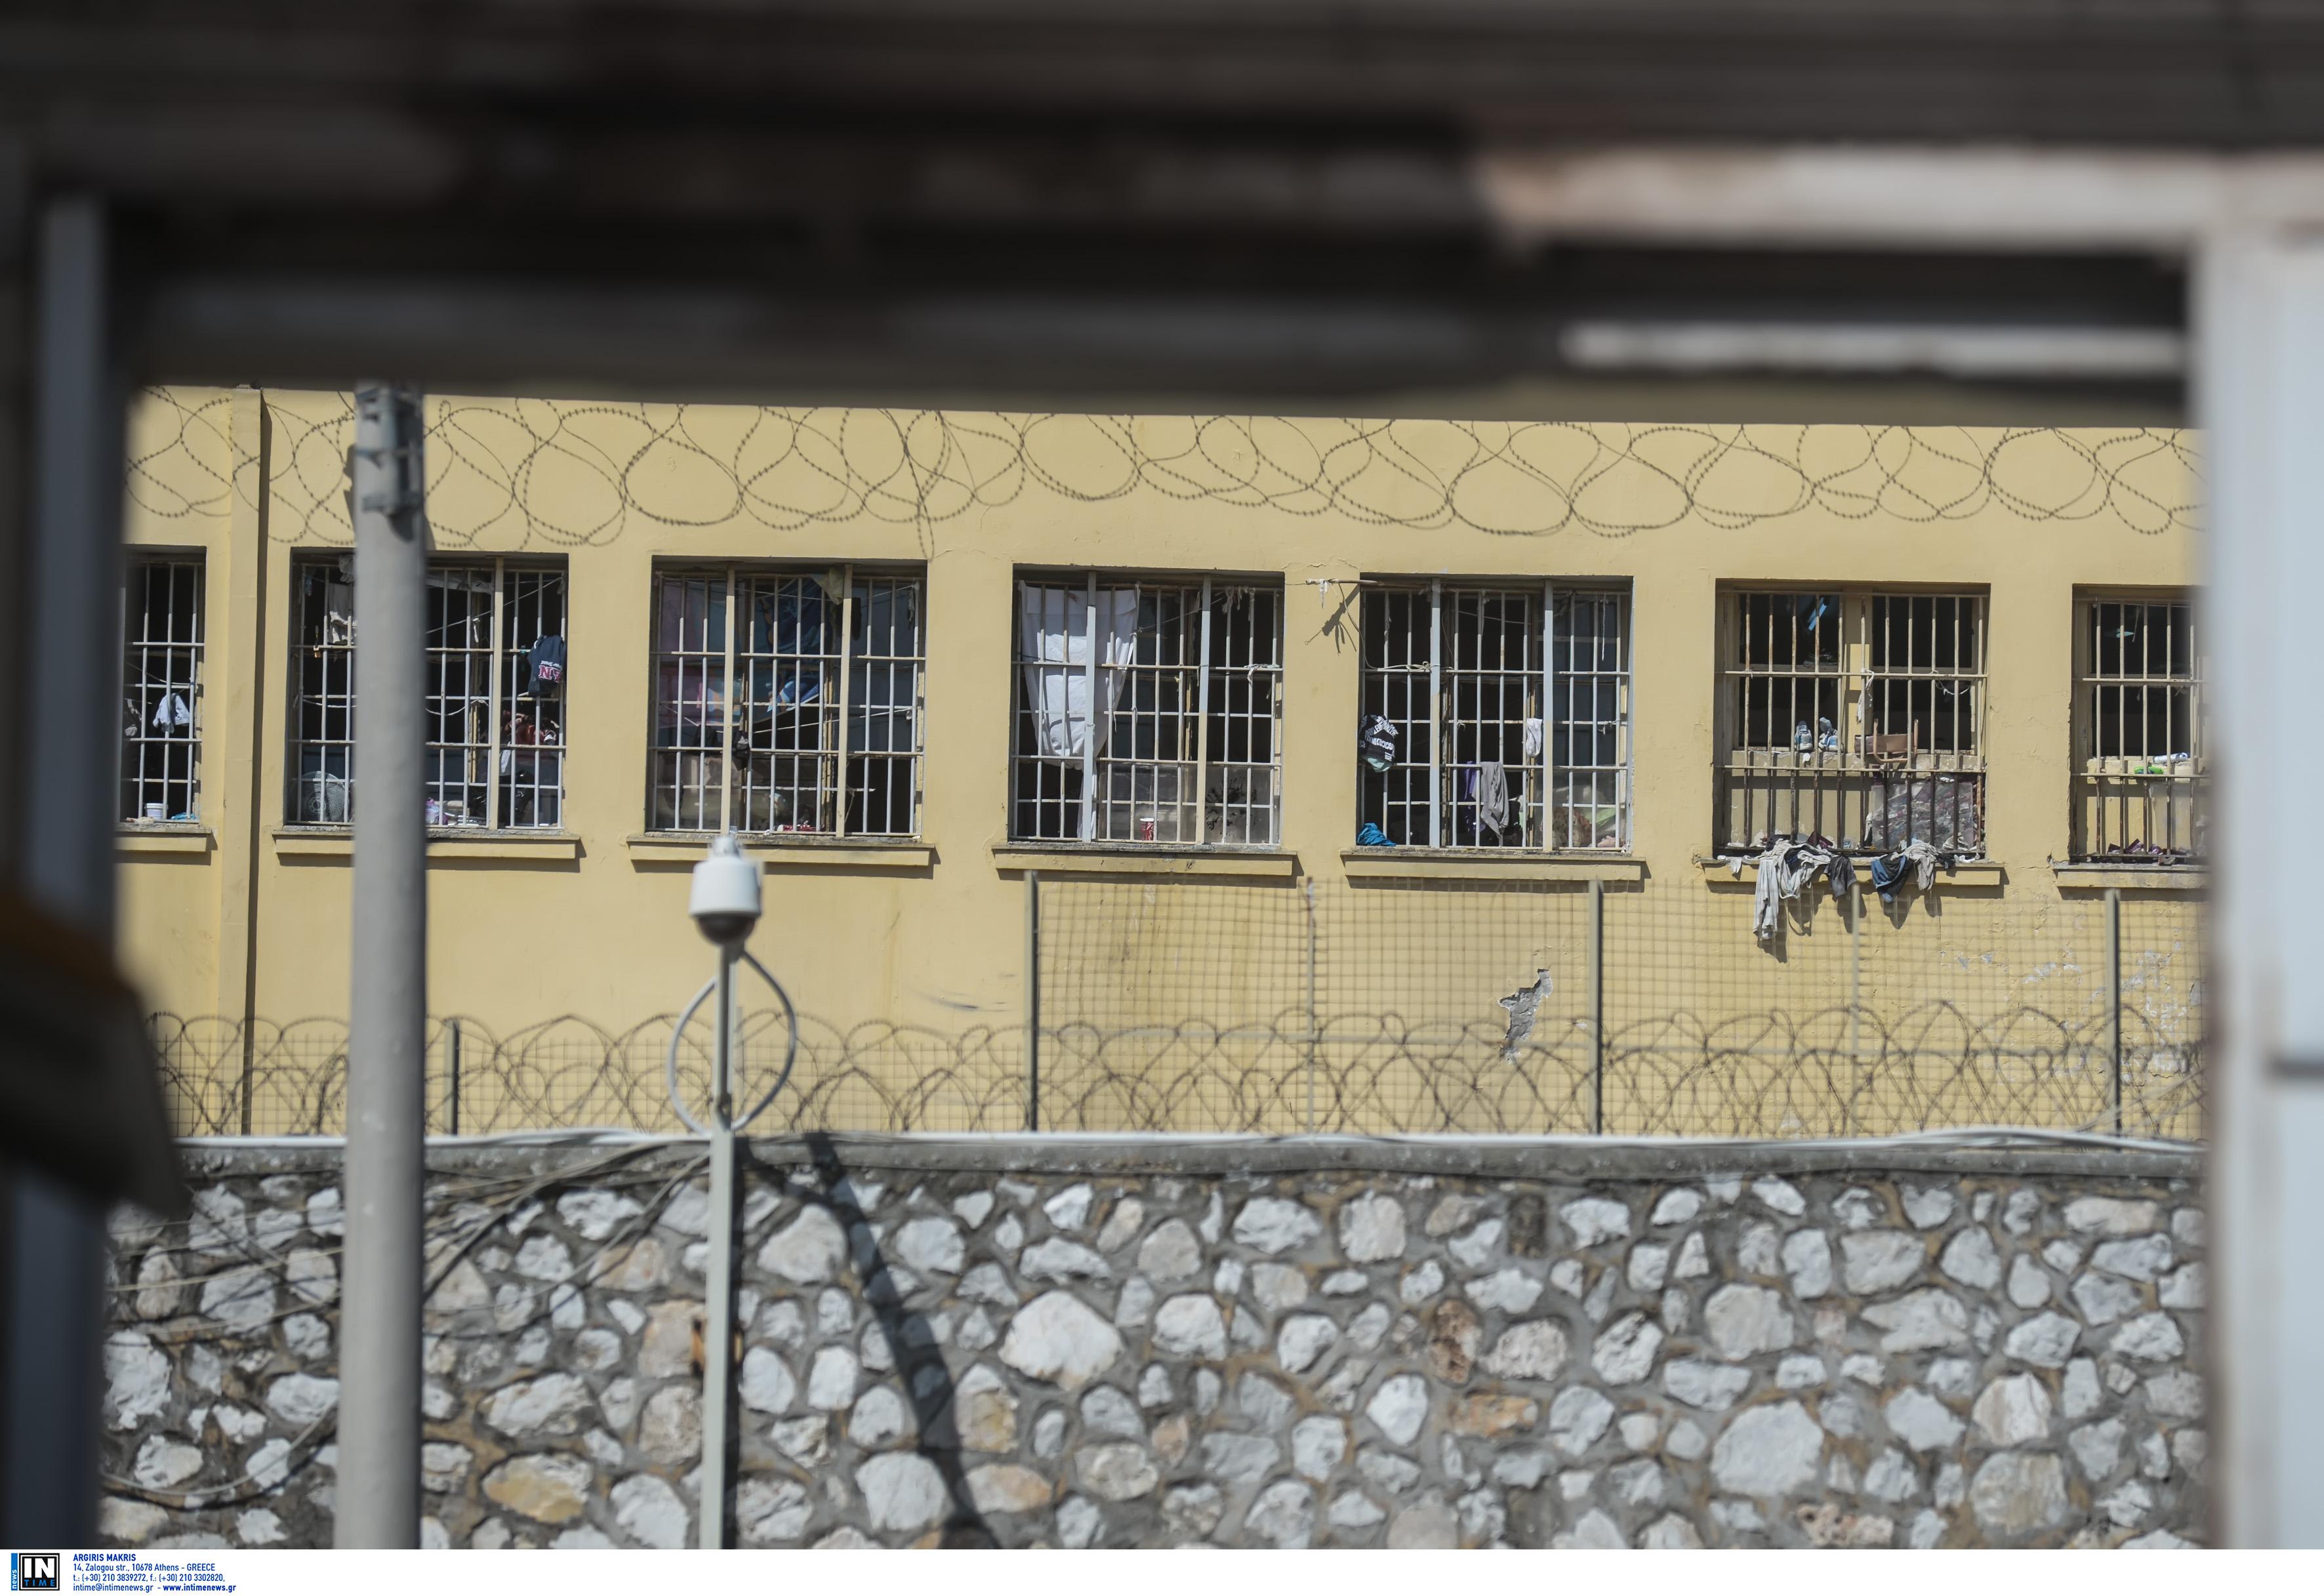 Λάρισα: Δραπέτευσε από τις φυλακές και πέθανε – Βρέθηκε νεκρός από τους αστυνομικούς που τον έψαχναν!